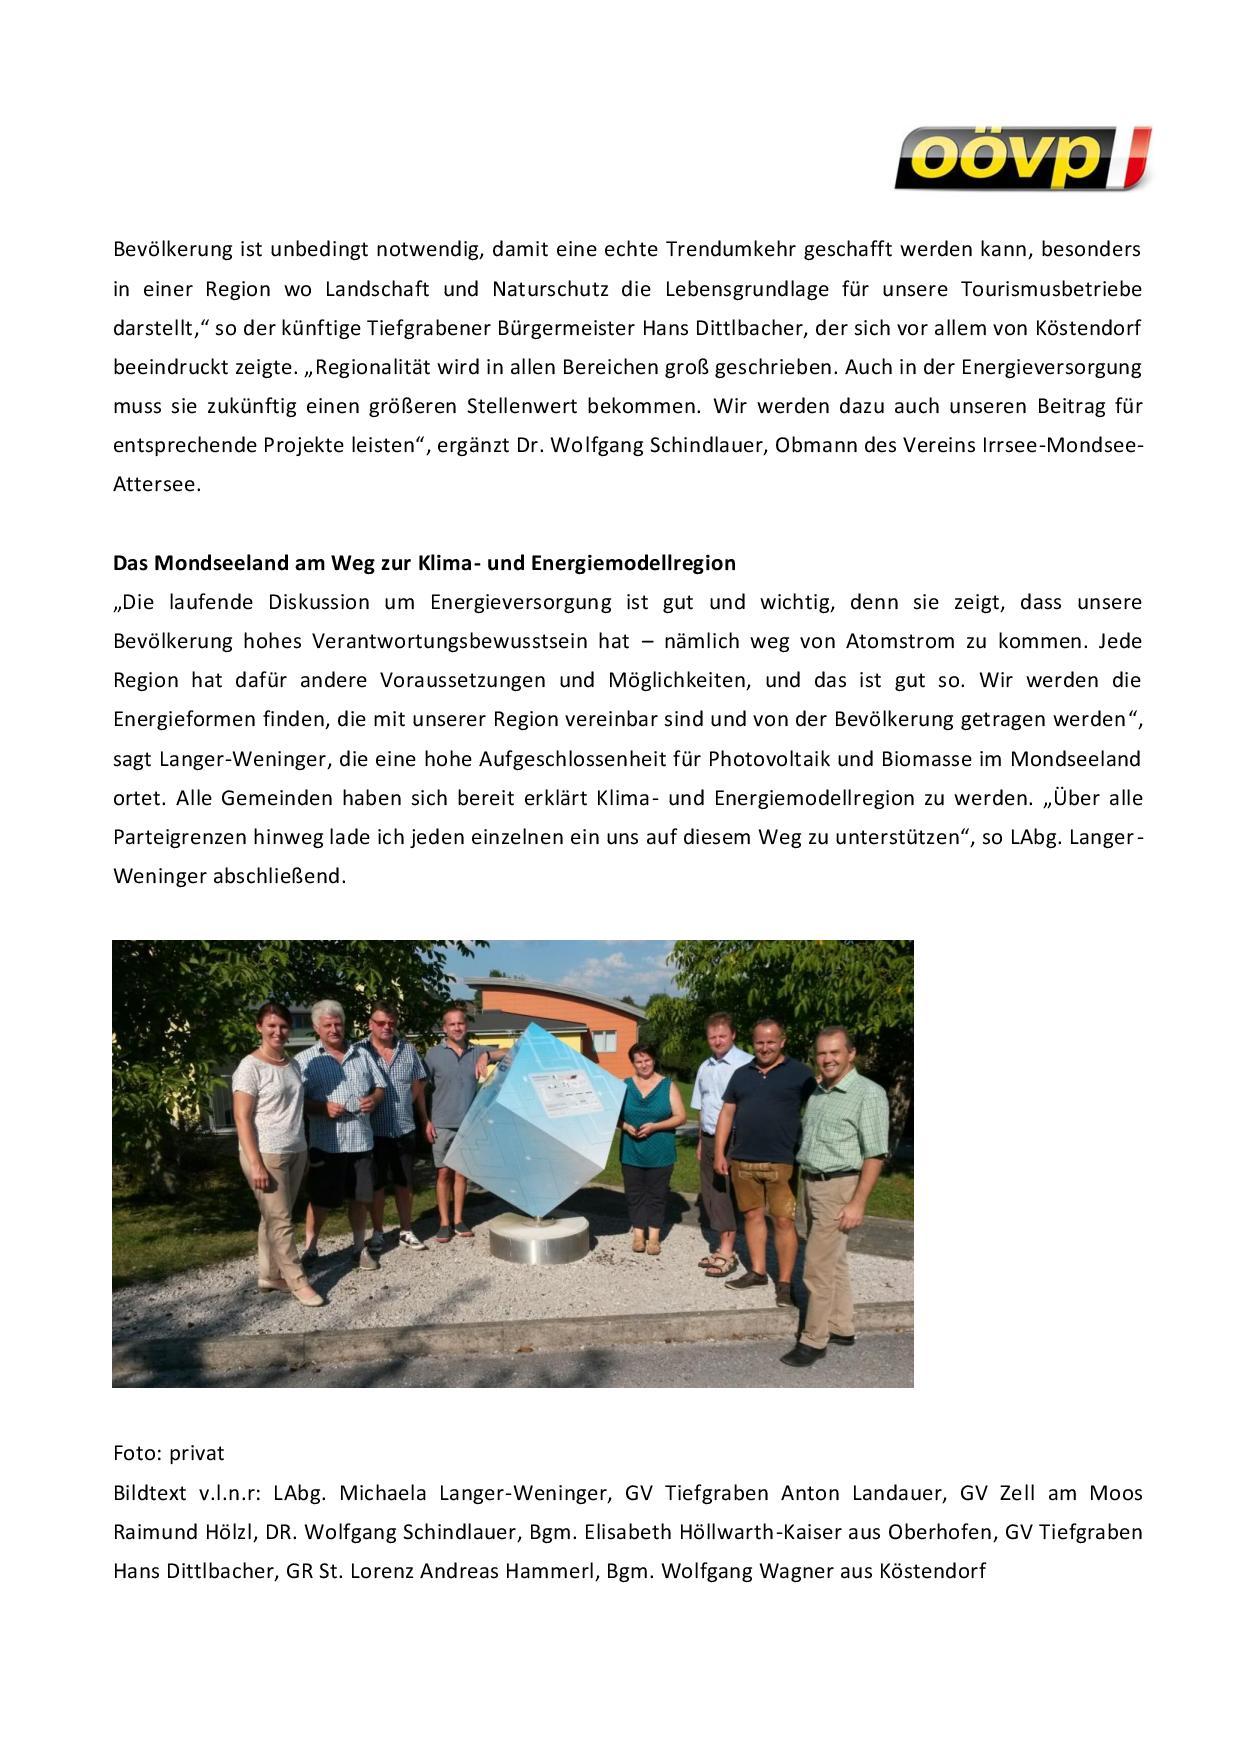 Langer-Weninger unterstützt das Mondseeland am Weg zur Klima- und Energiemodellregin-page-002